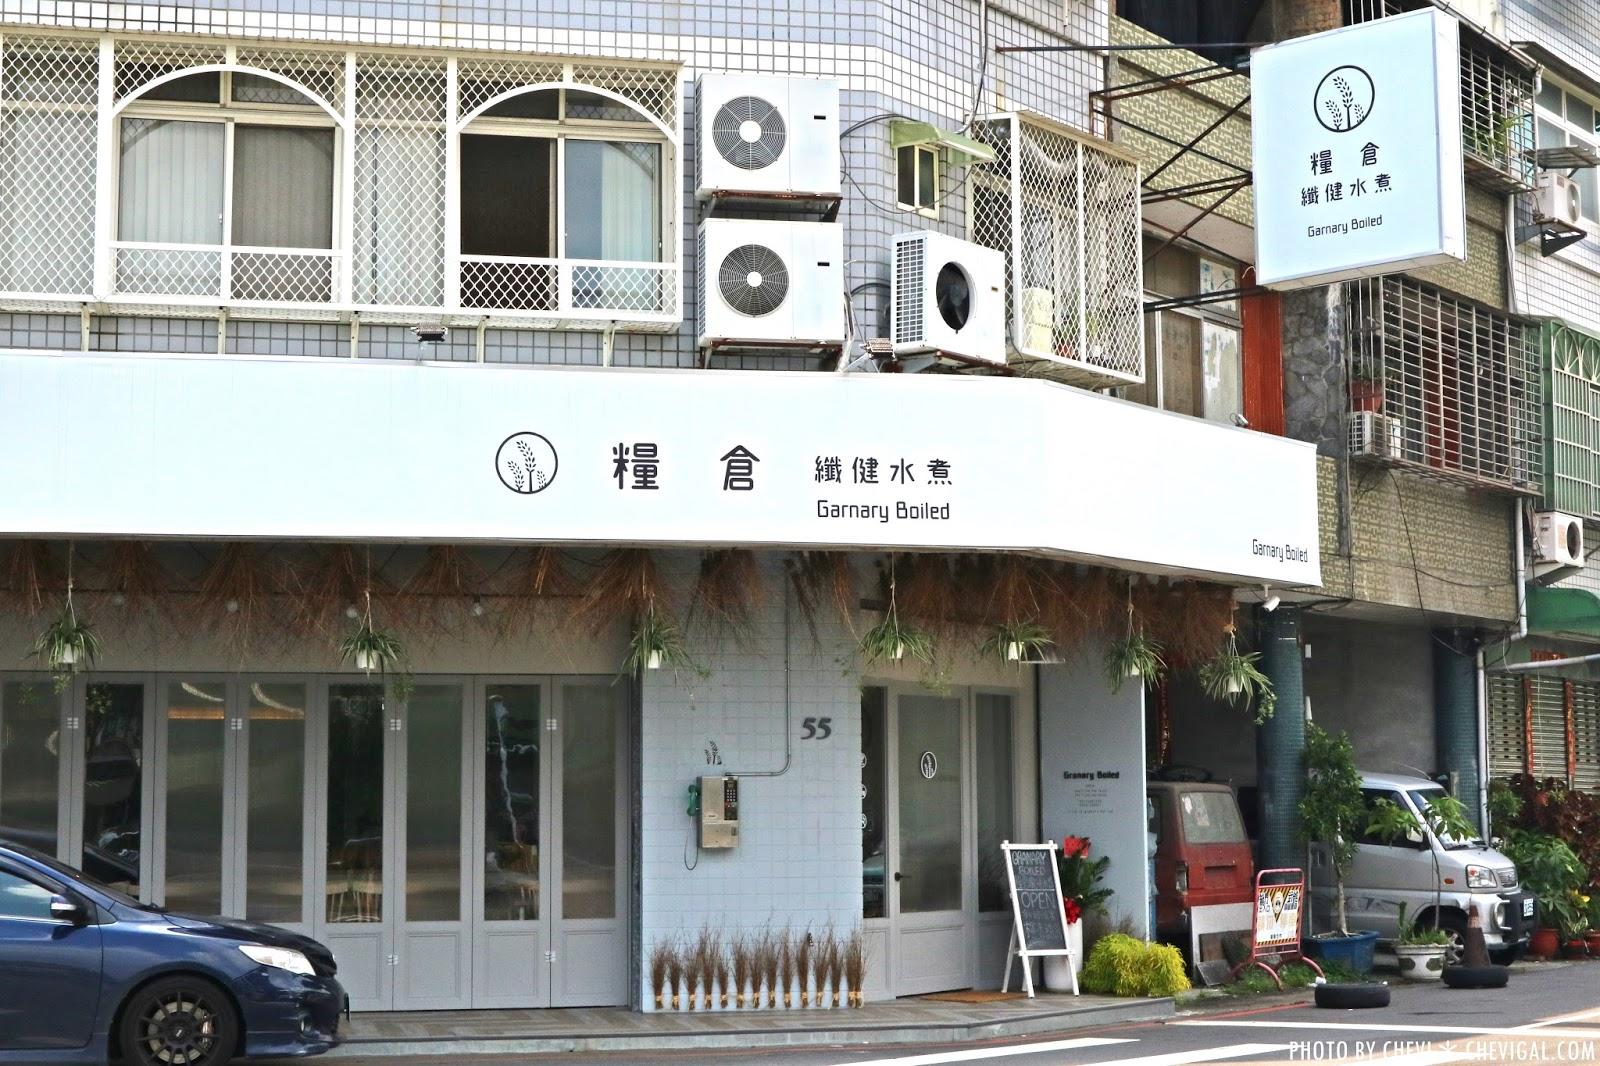 IMG 9651 - 台中北區│糧倉 纖健水煮*隱身在柳川西路的文青小店。清爽水煮料理讓你吃到鮮甜原味